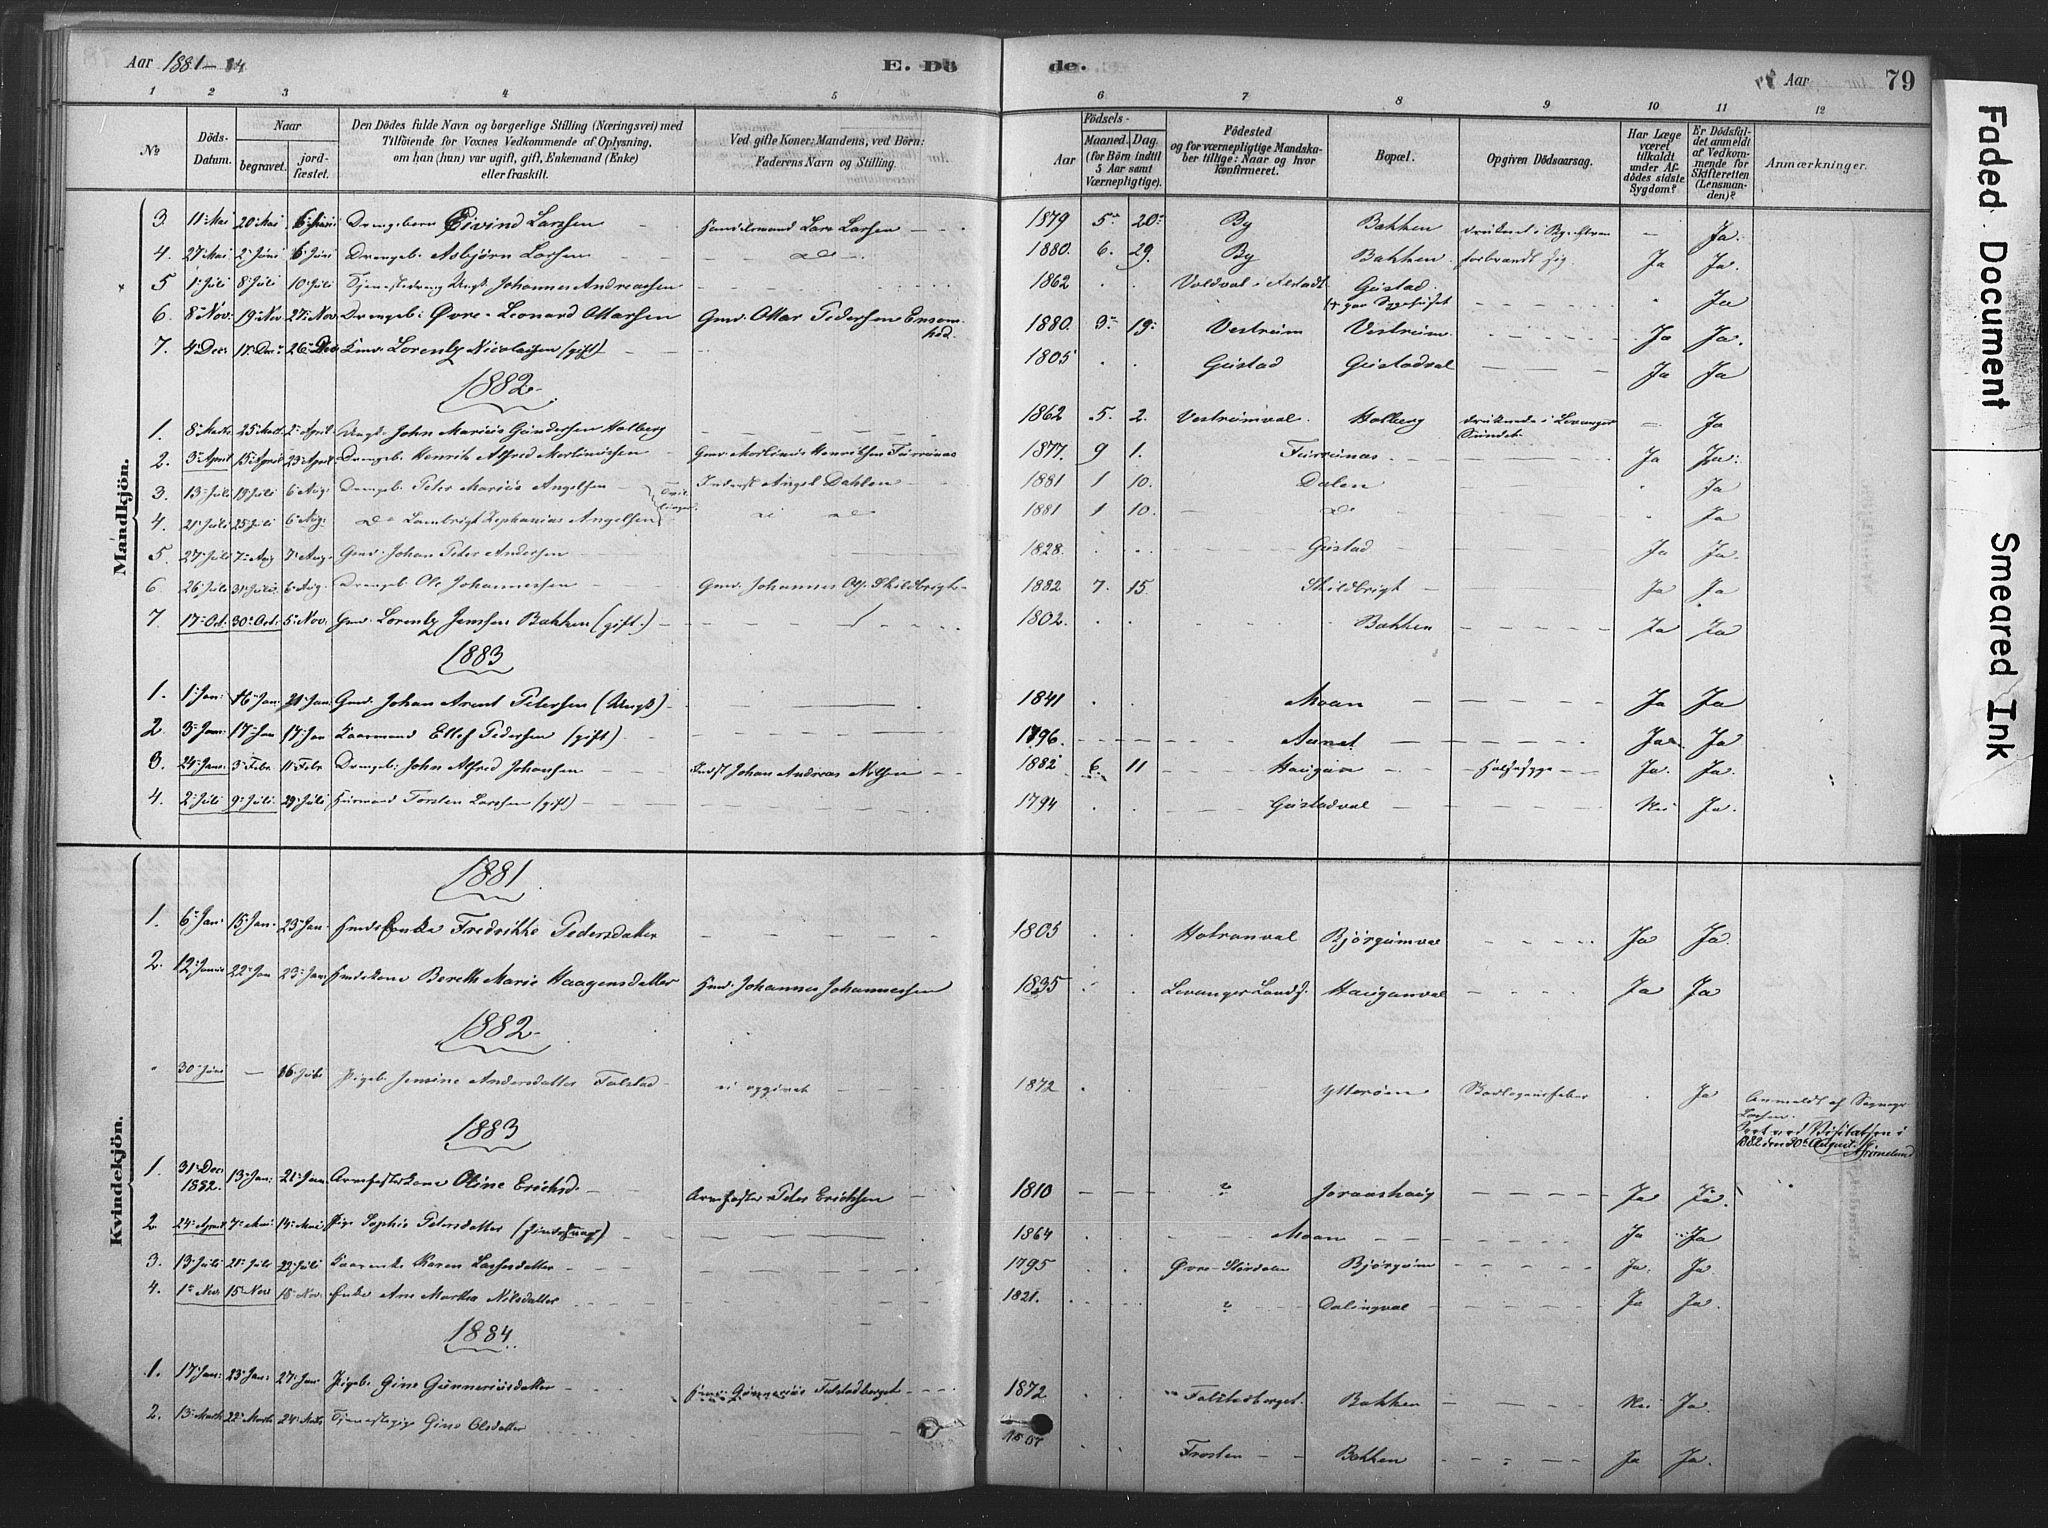 SAT, Ministerialprotokoller, klokkerbøker og fødselsregistre - Nord-Trøndelag, 719/L0178: Ministerialbok nr. 719A01, 1878-1900, s. 79